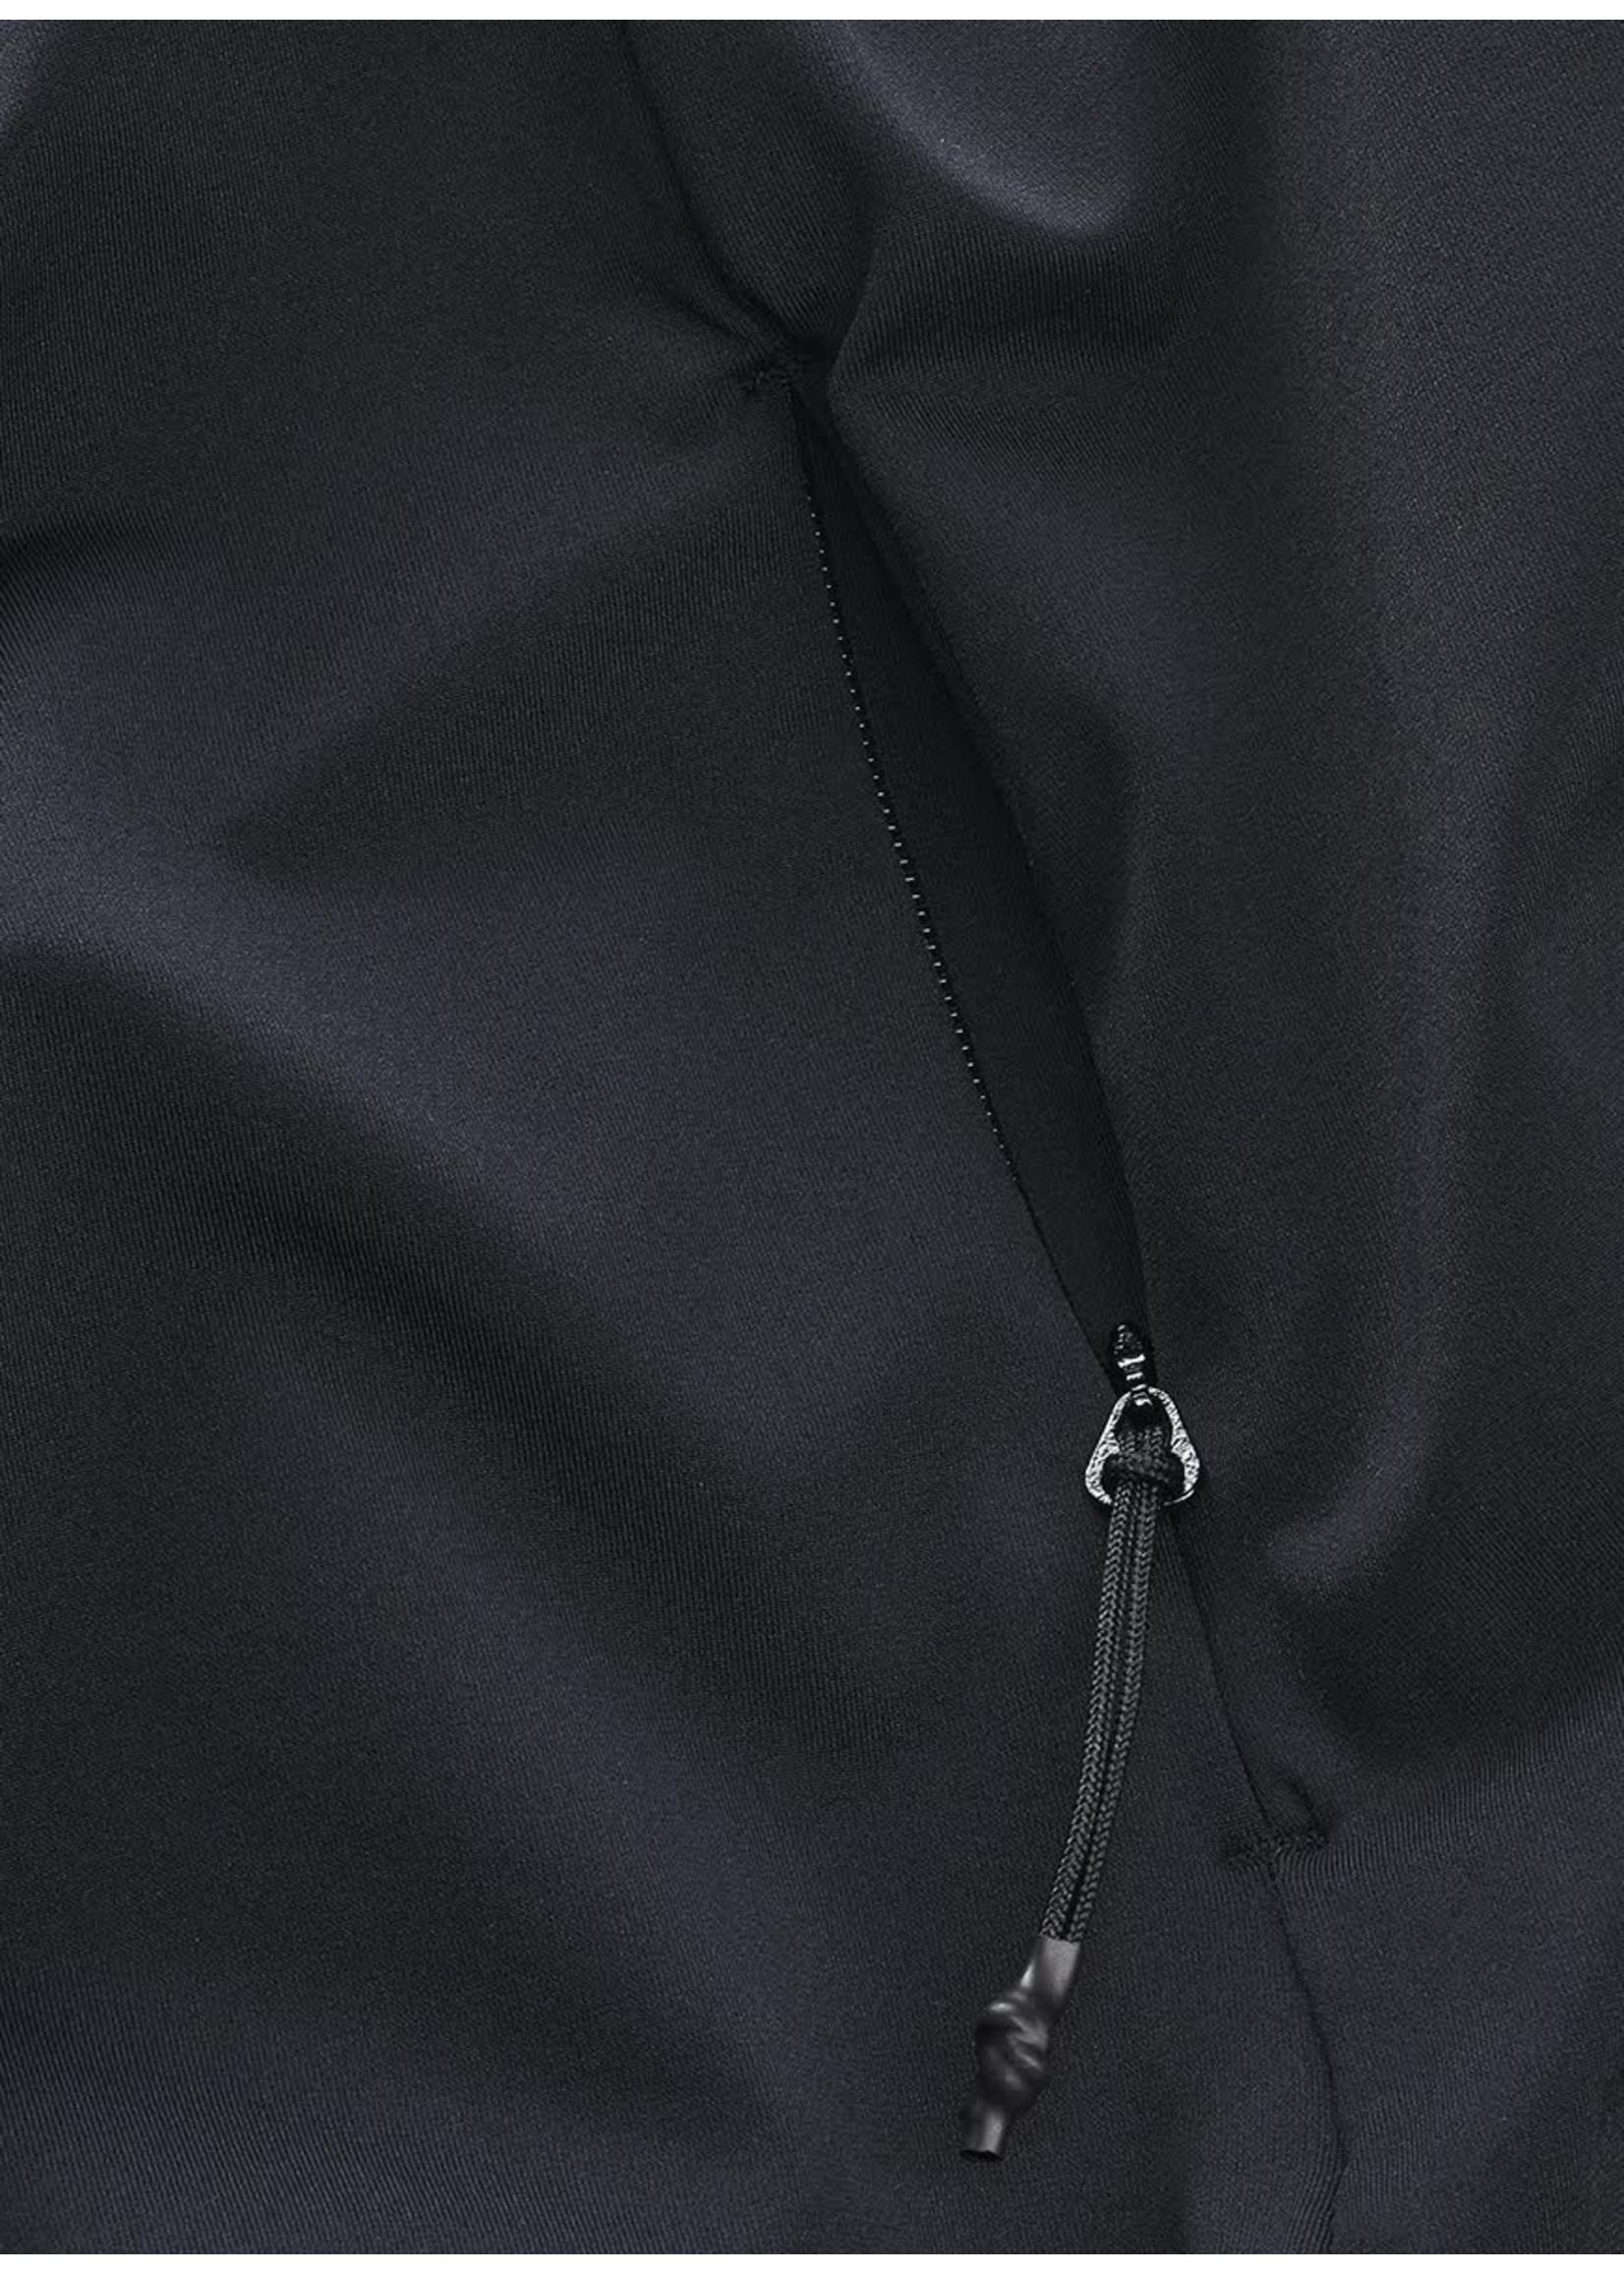 Wahts Boyd cross sports tshirt carbon black